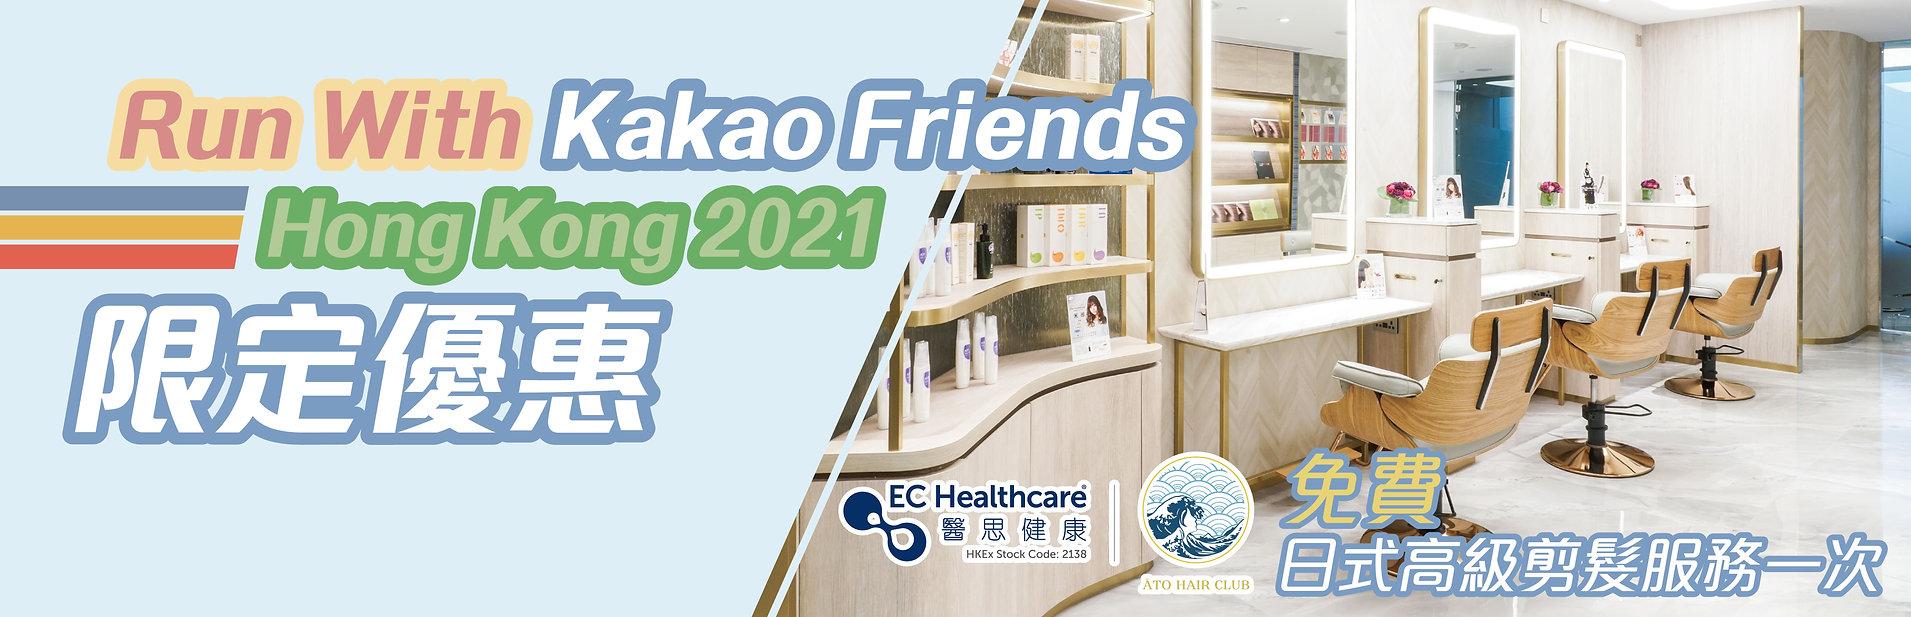 kakao_banner-min.jpg